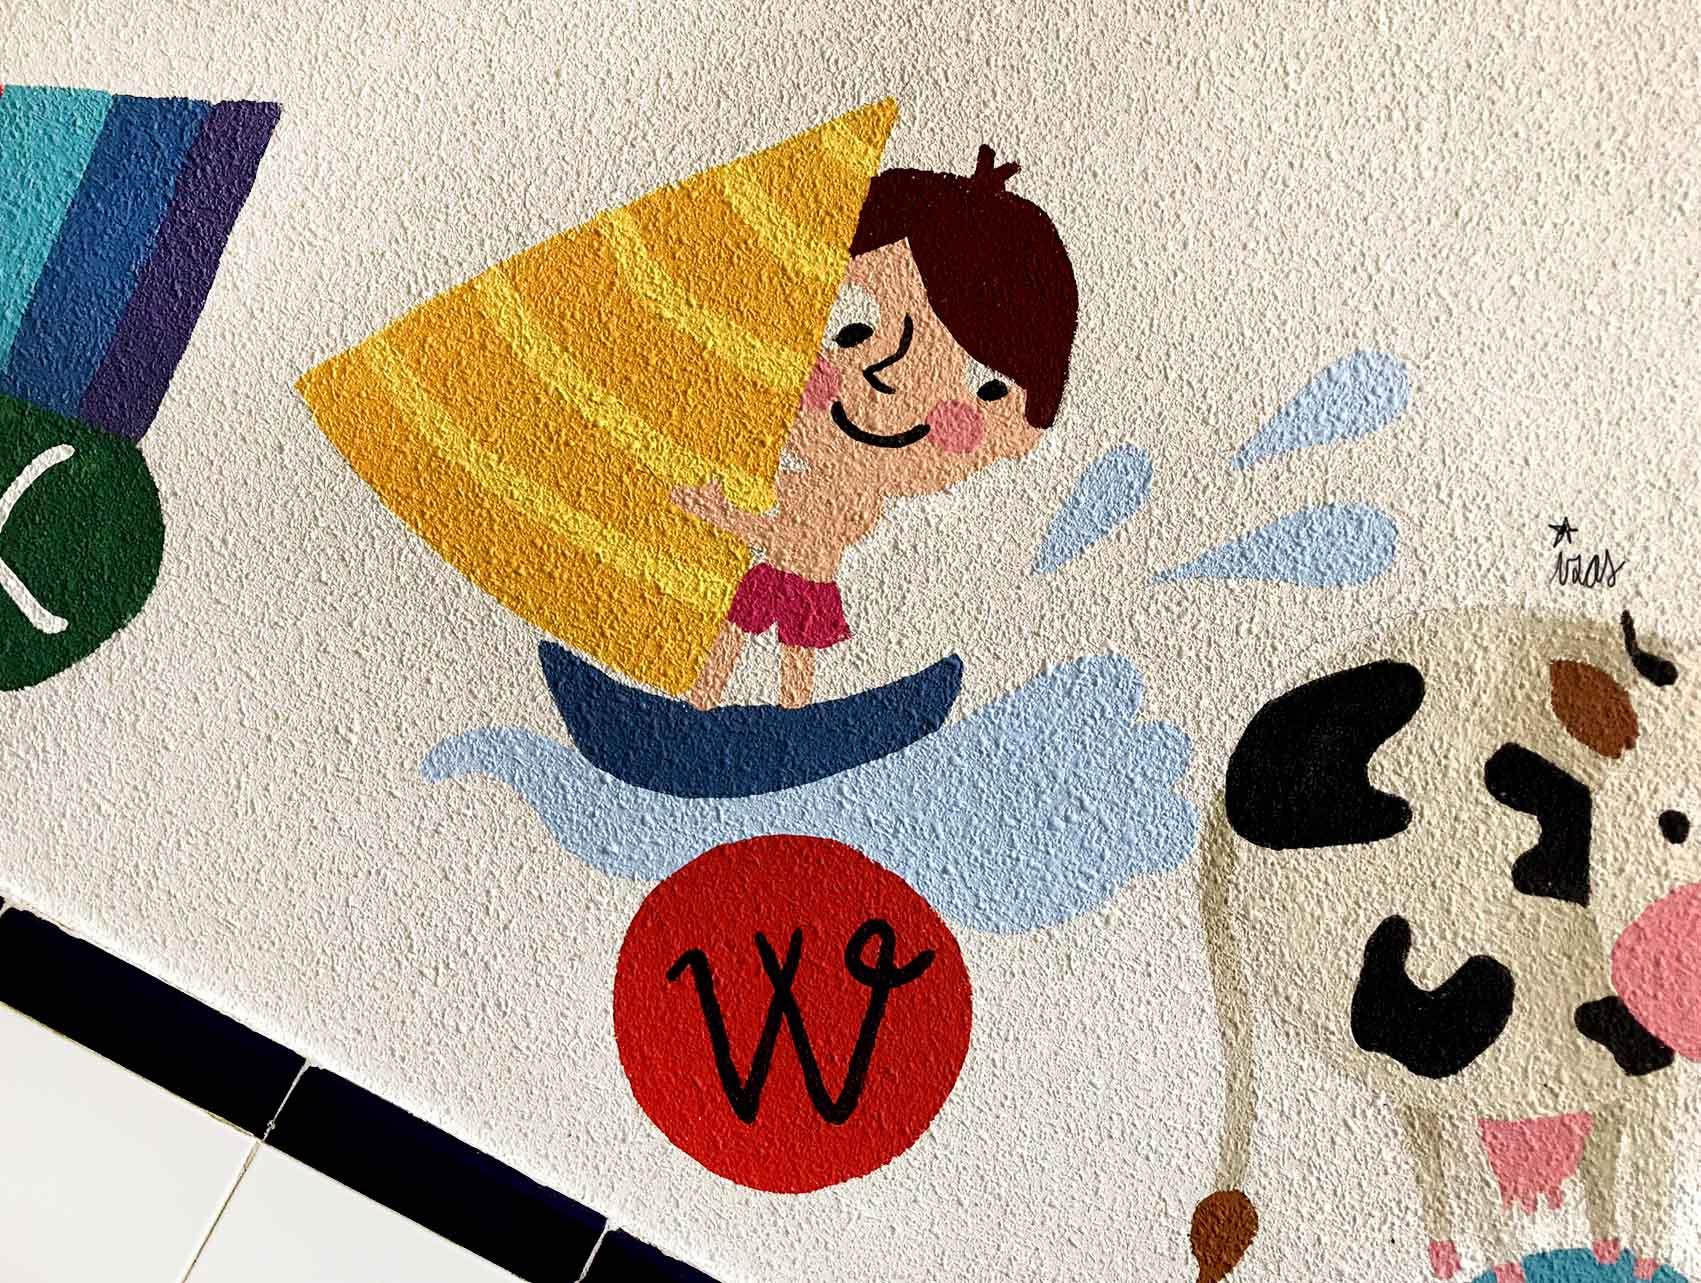 mural izas azulpatio soledad sainz escalera 25